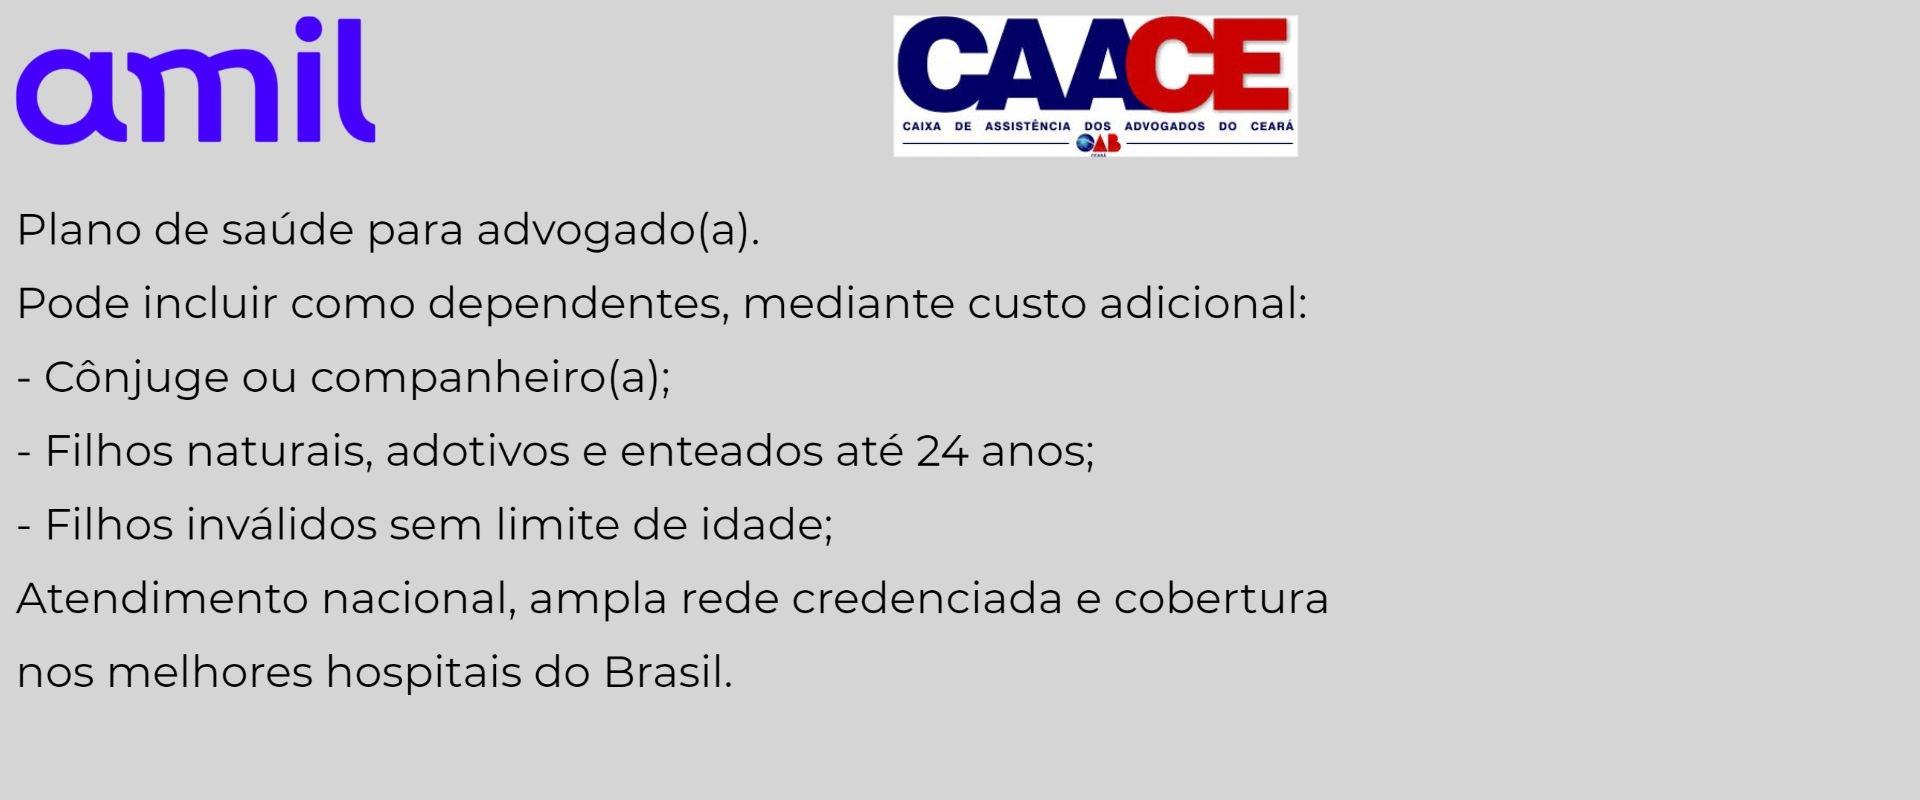 Amil CAA-CE